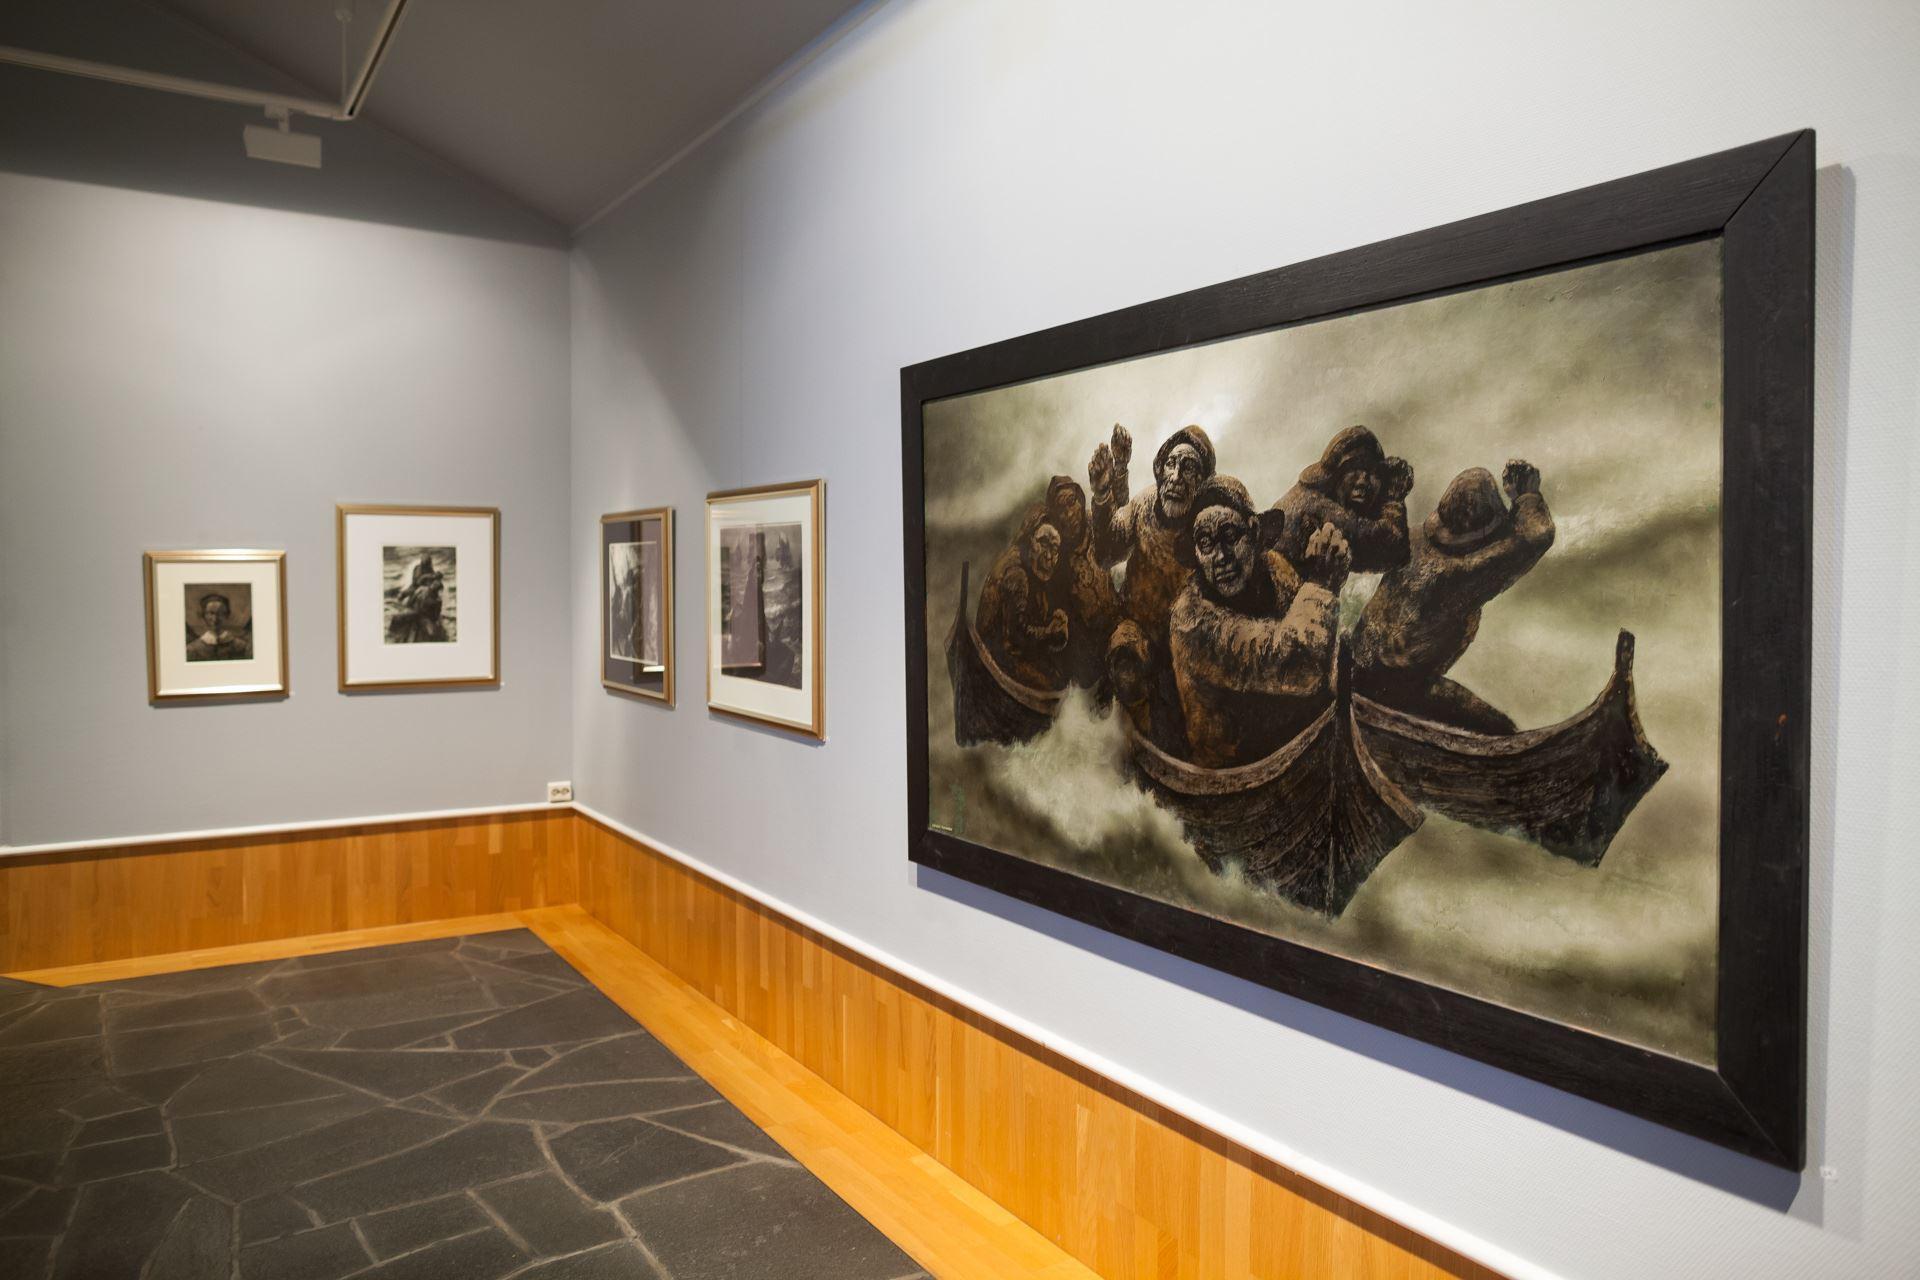 © Kjell Ove Storvik / Museum Nord, Galleri Espolin